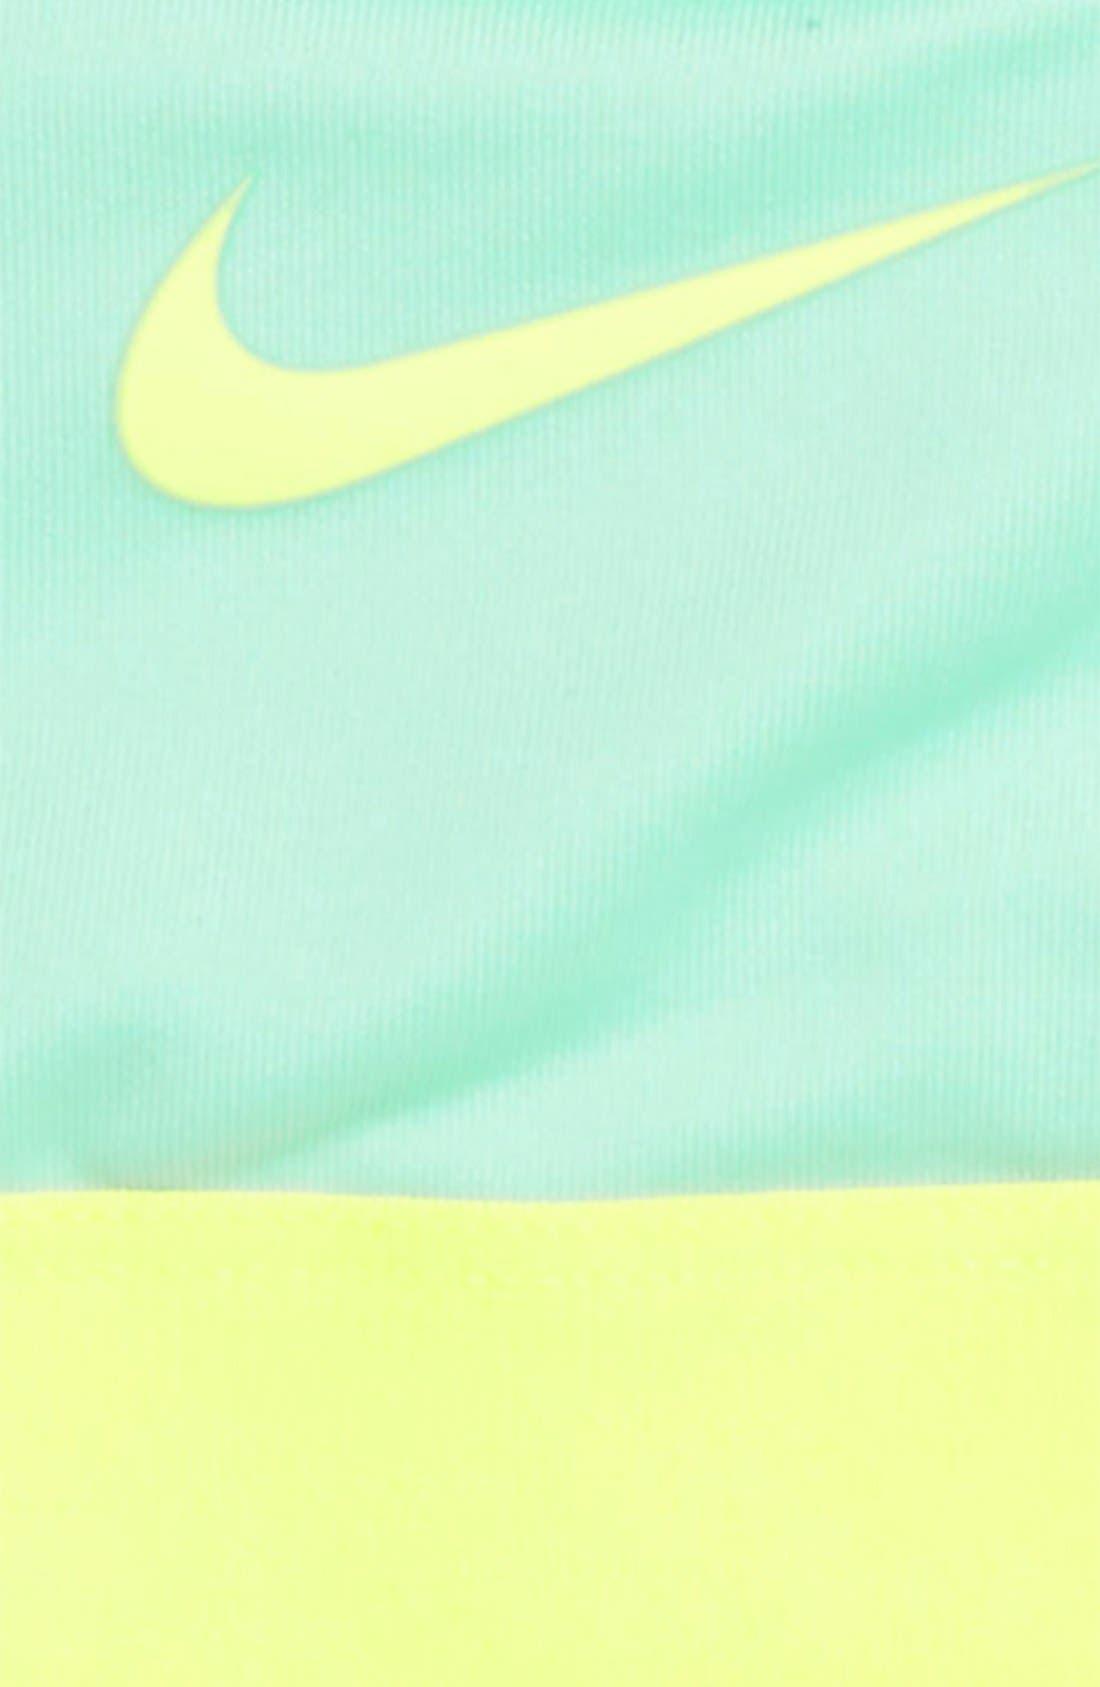 'Pro Classic' Dri-FIT Sports Bra,                             Alternate thumbnail 17, color,